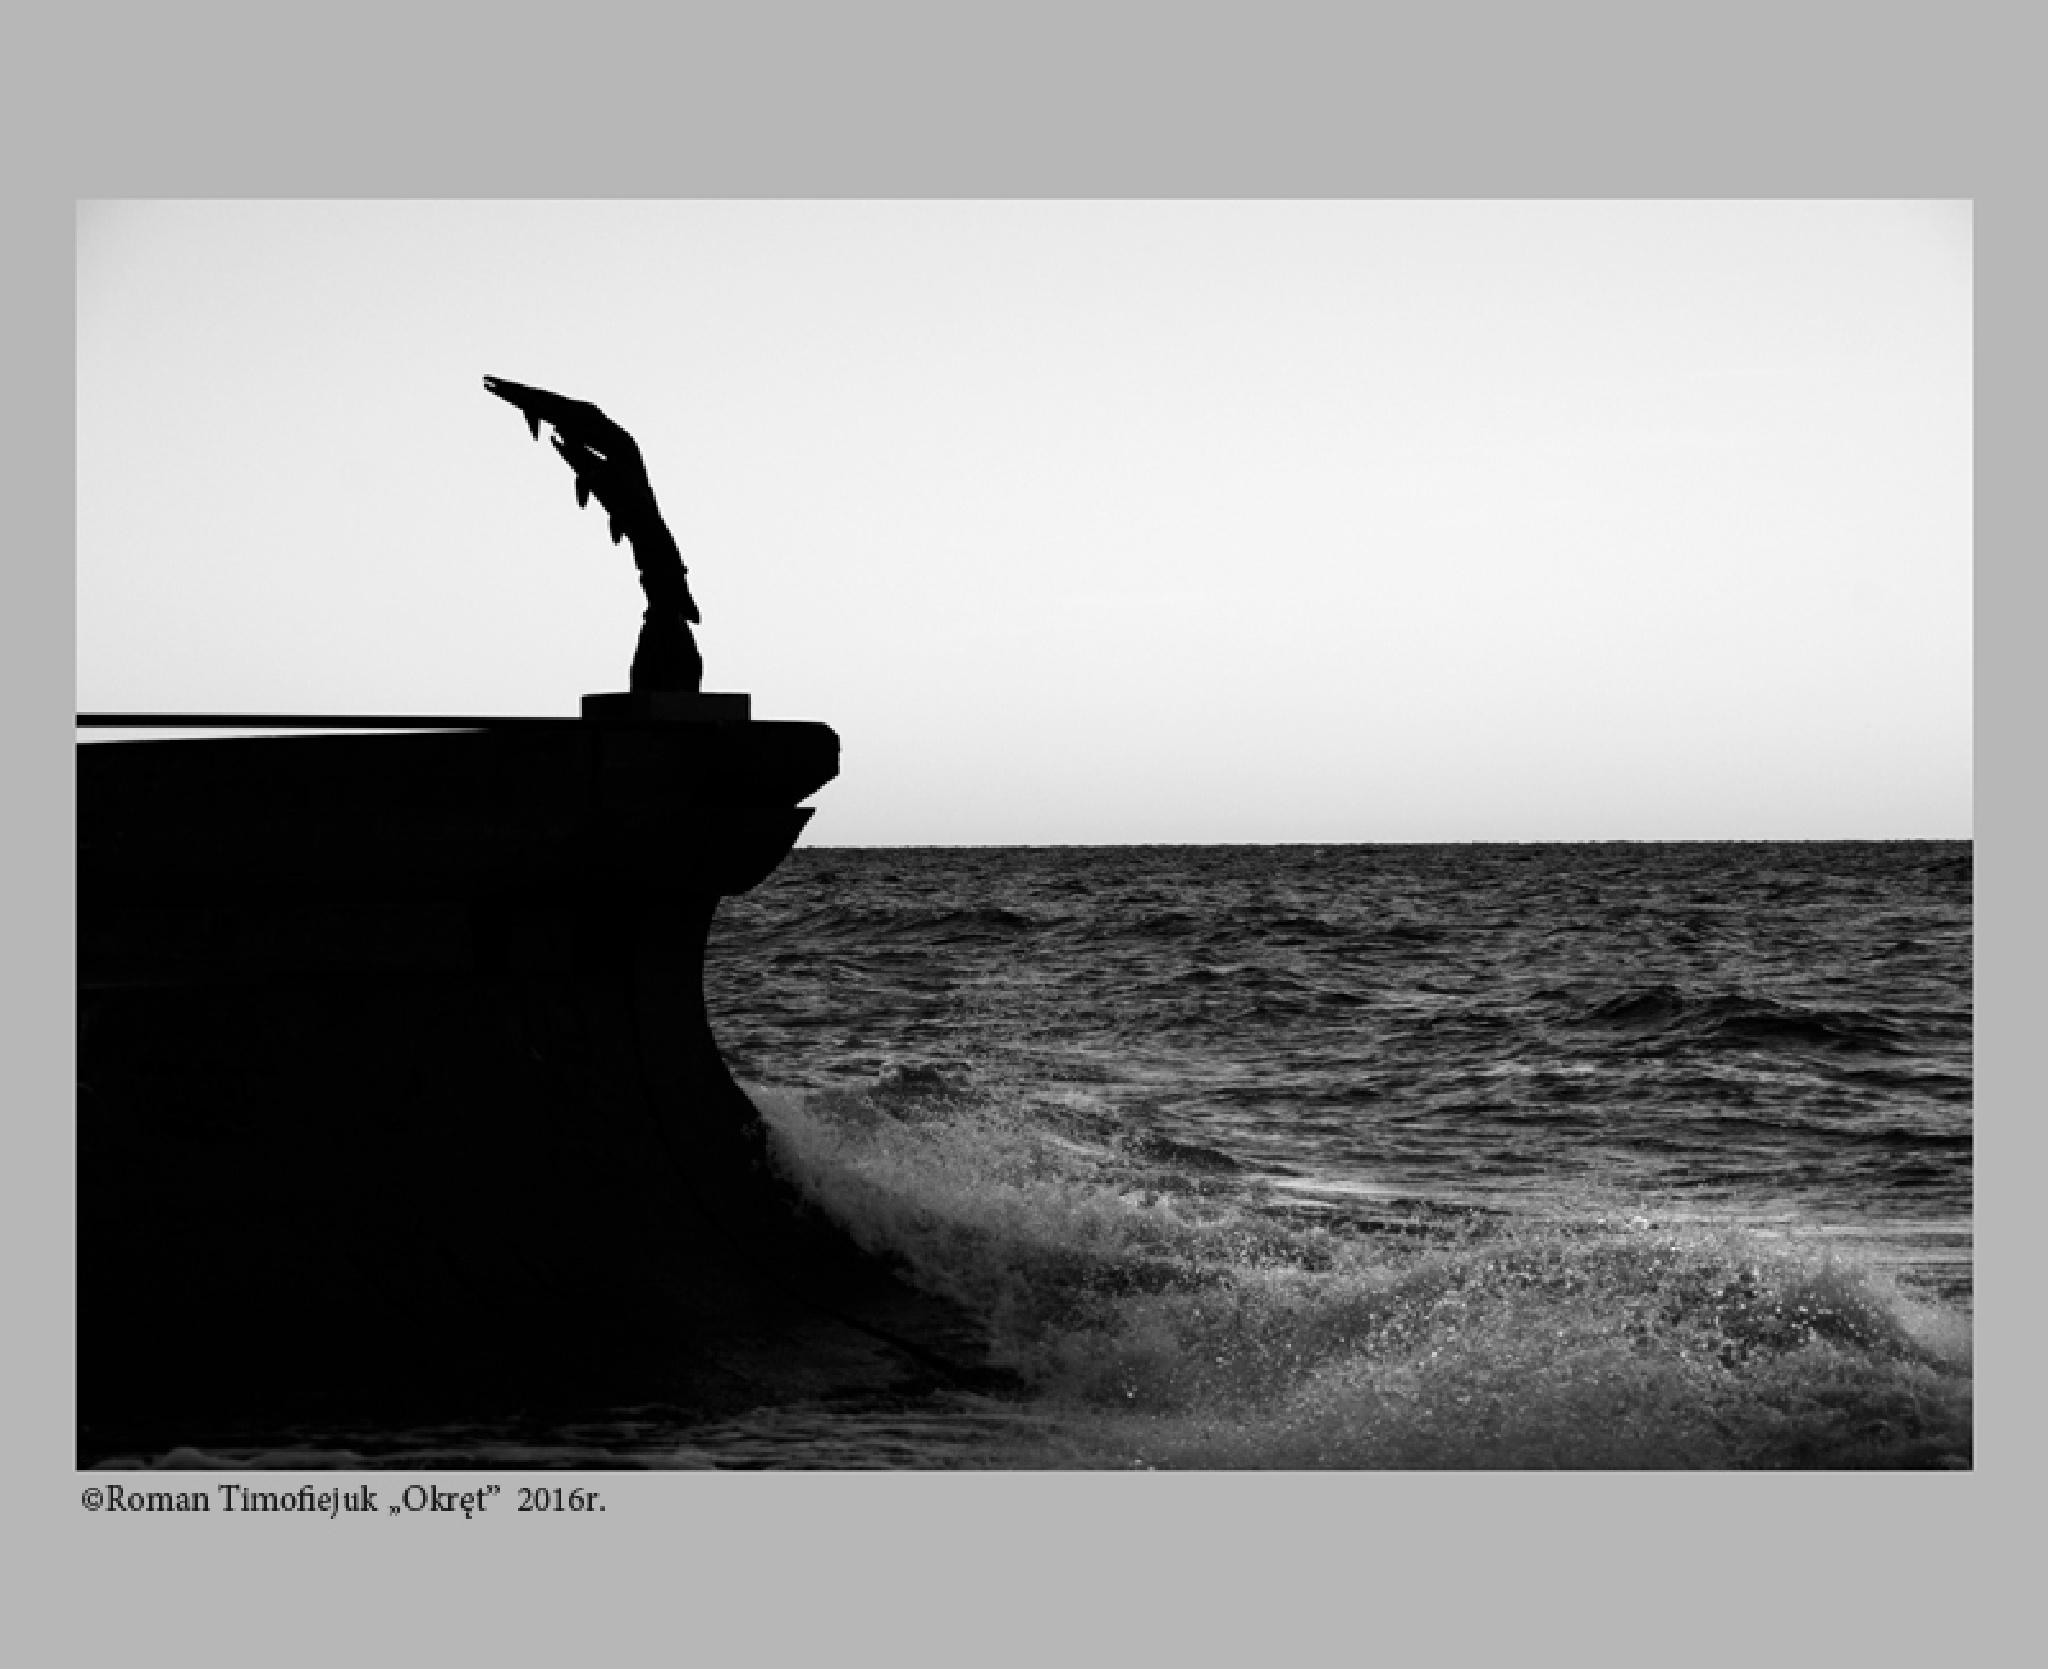 Untitled by Roman Timofiejuk